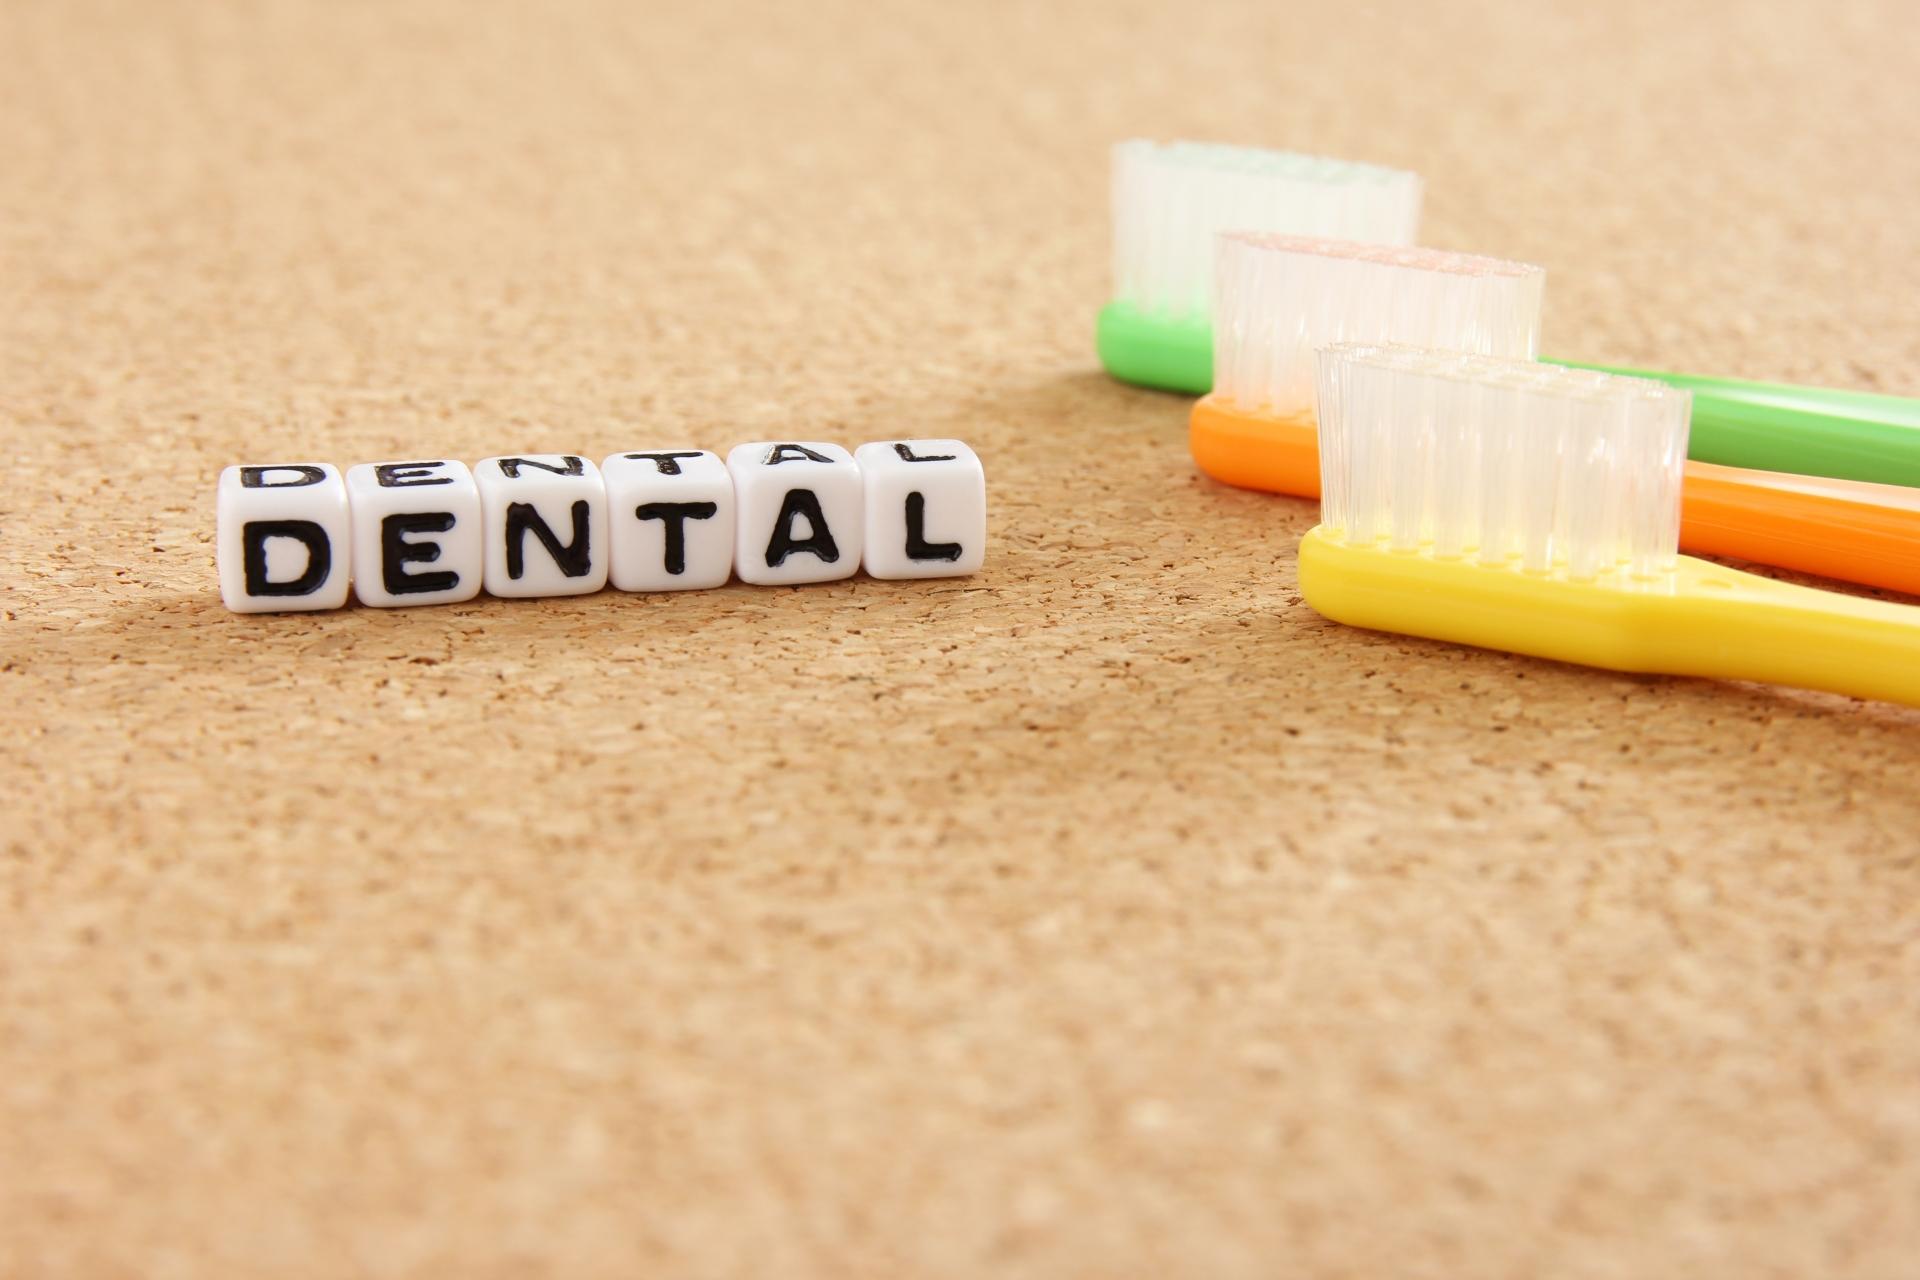 セラミック素材を使用した歯の治療は、通常保険適用外となります。そのため、セラミックと銀歯の違いを踏まえ、歯医者さんとしっかり相談しながら、治療の方針を決めることが一番と言えます。